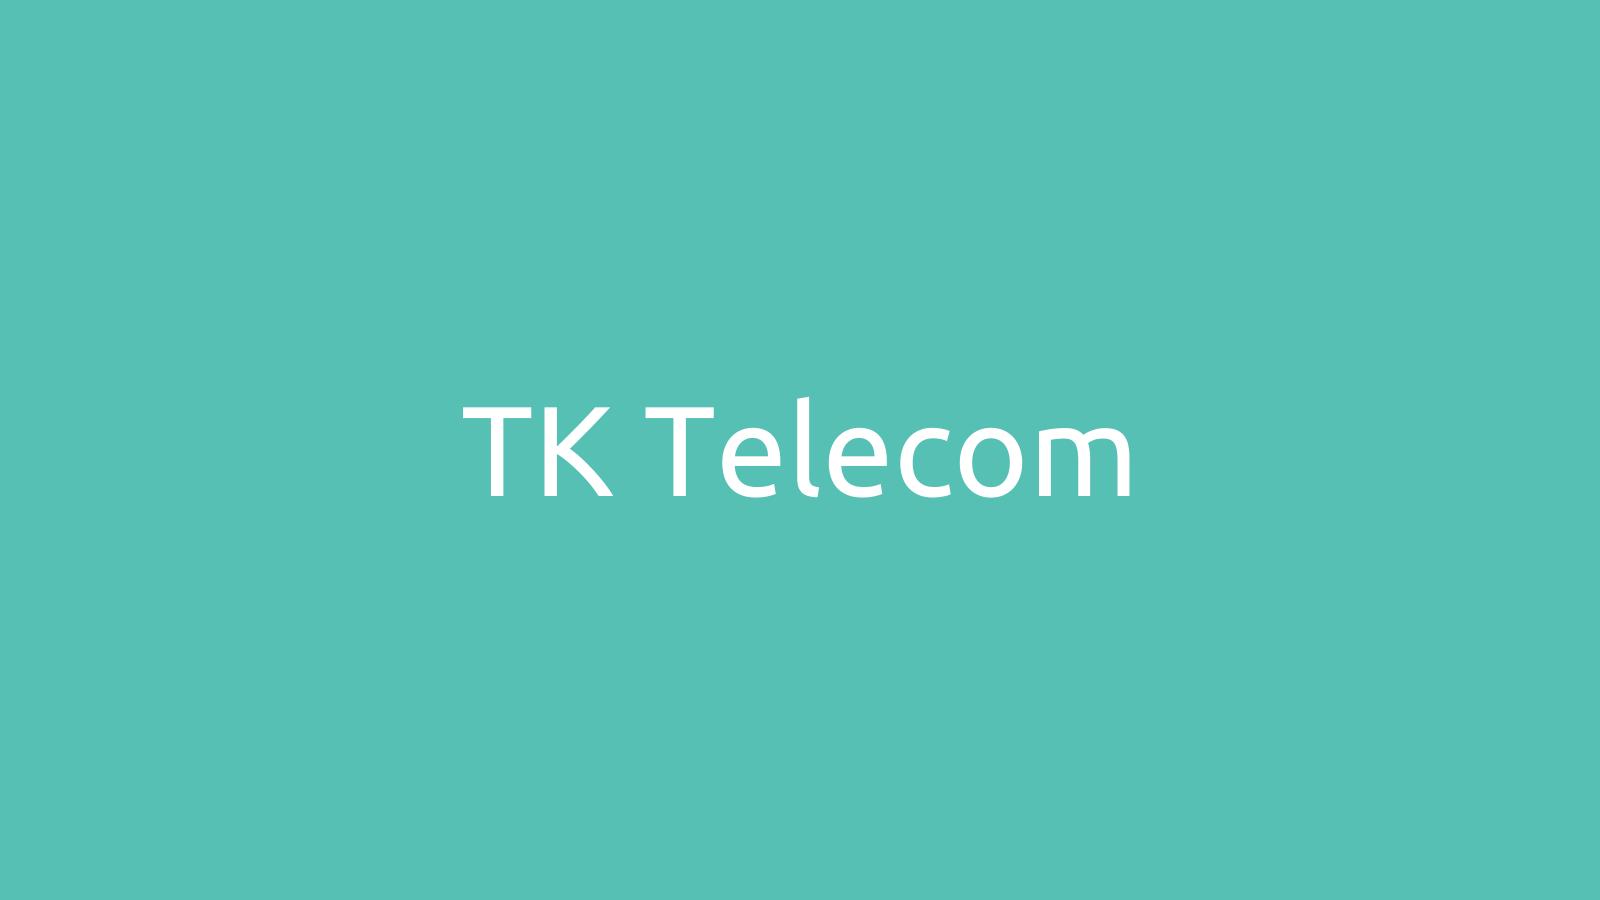 TK Telecom